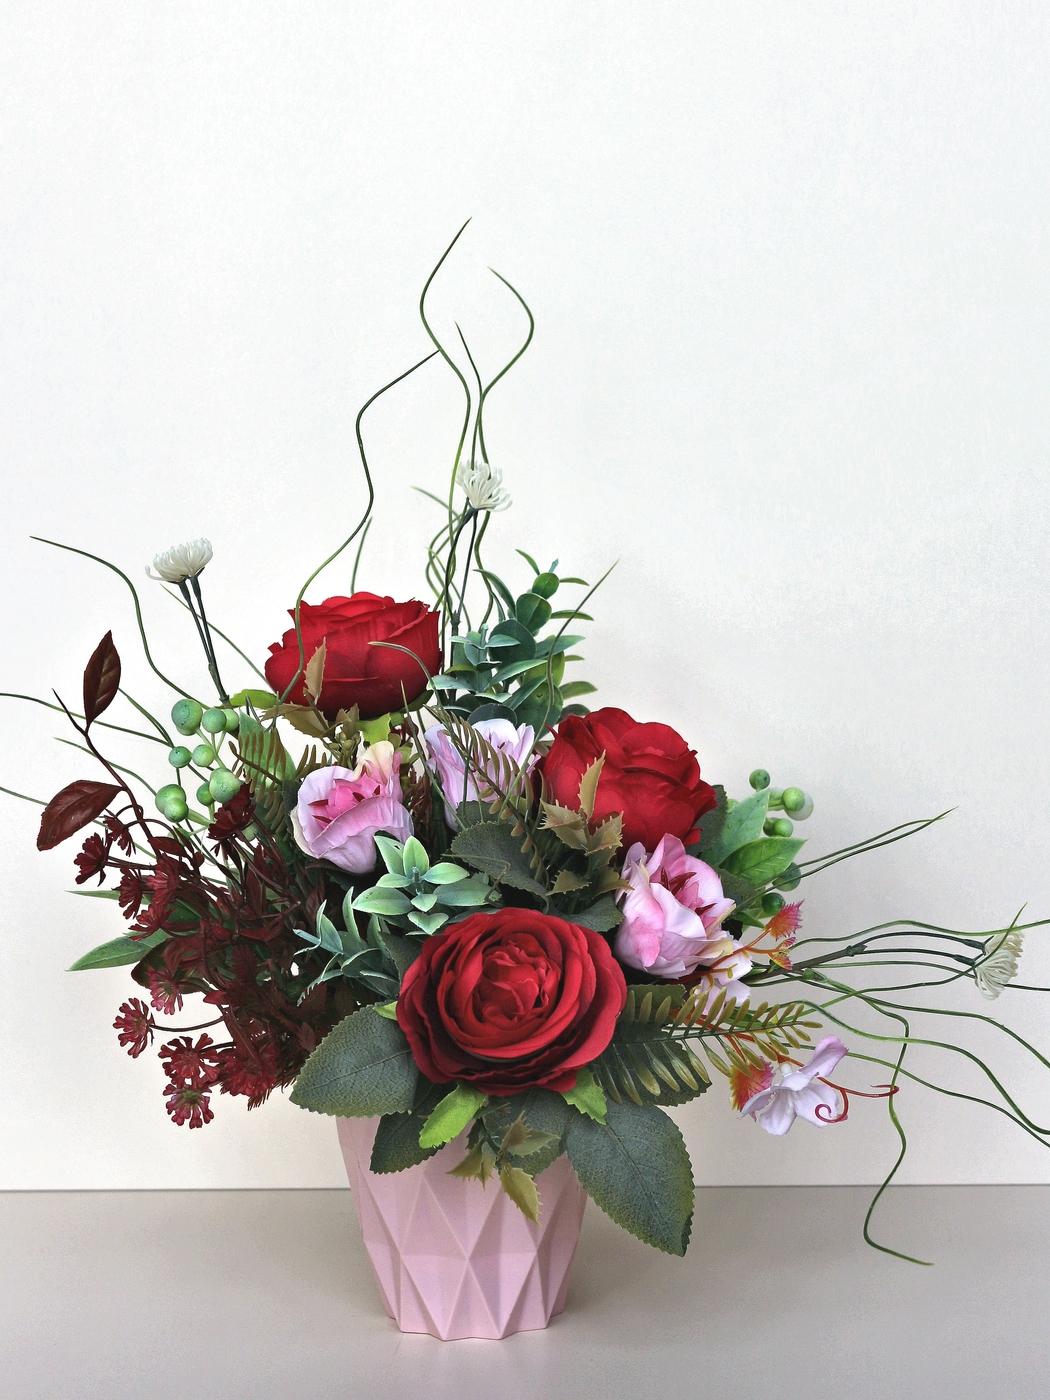 Волгодонск заказать цветы, букет купить доставка